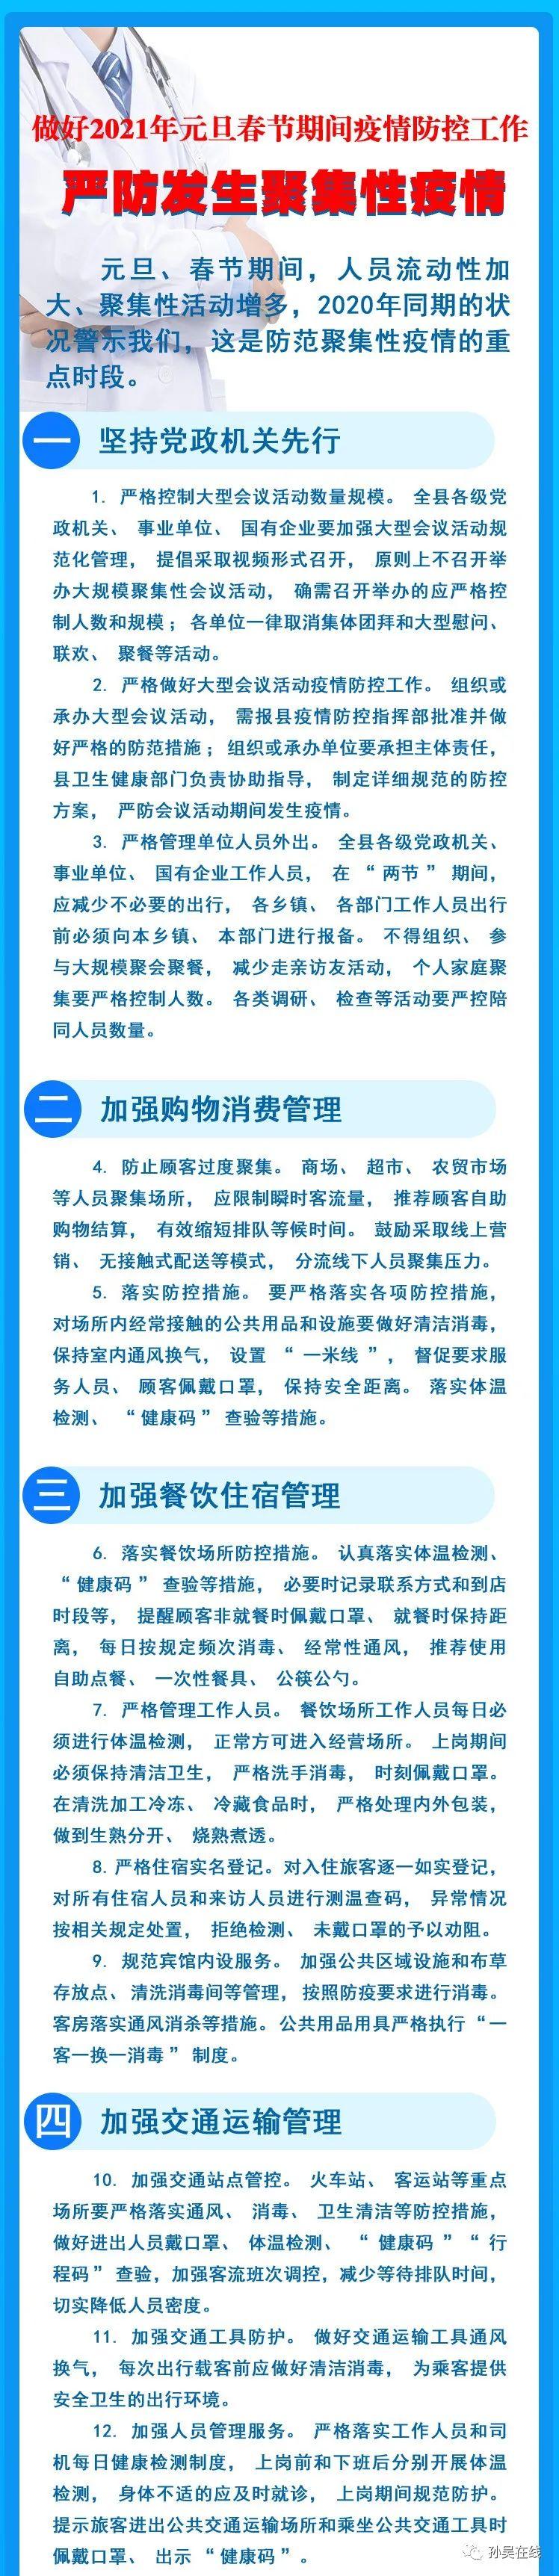 【疫情防控】关于做好2021年元旦春节期间疫情防控工作严防发生聚集性疫情的通告